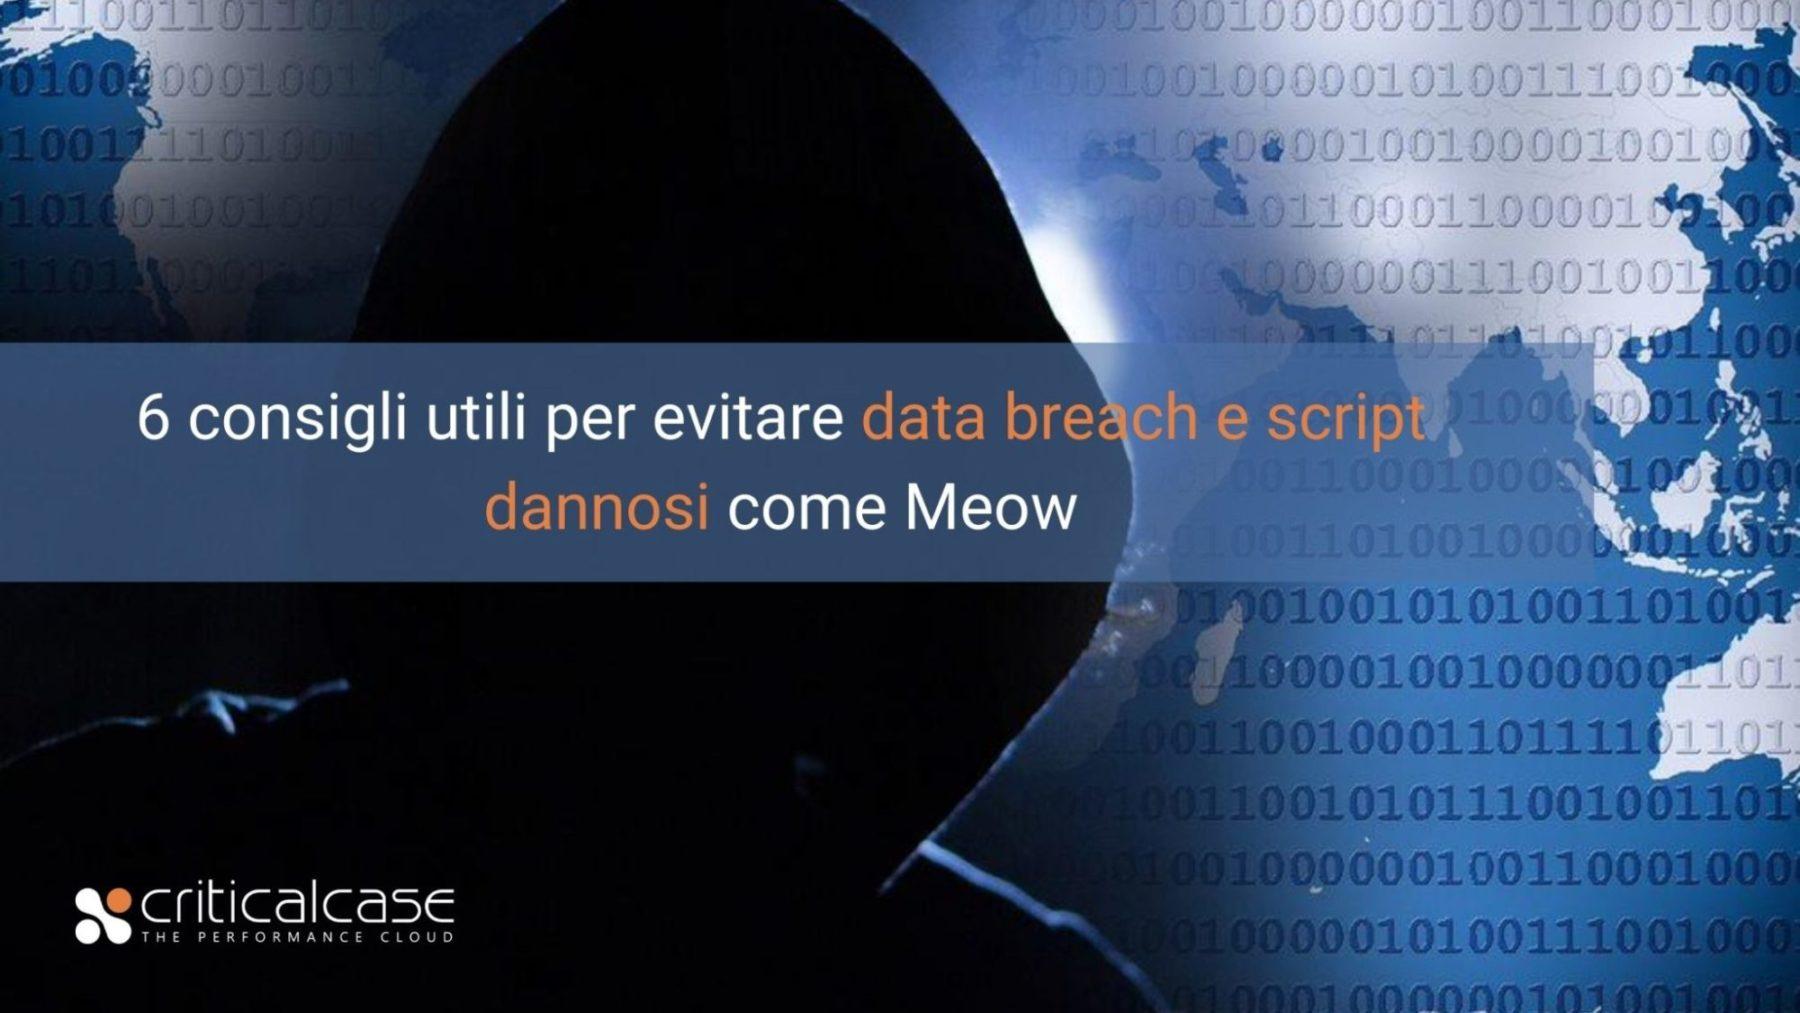 """Attacco """"Meow"""" distrugge migliaia di database Elasticsearch e MongoDB"""